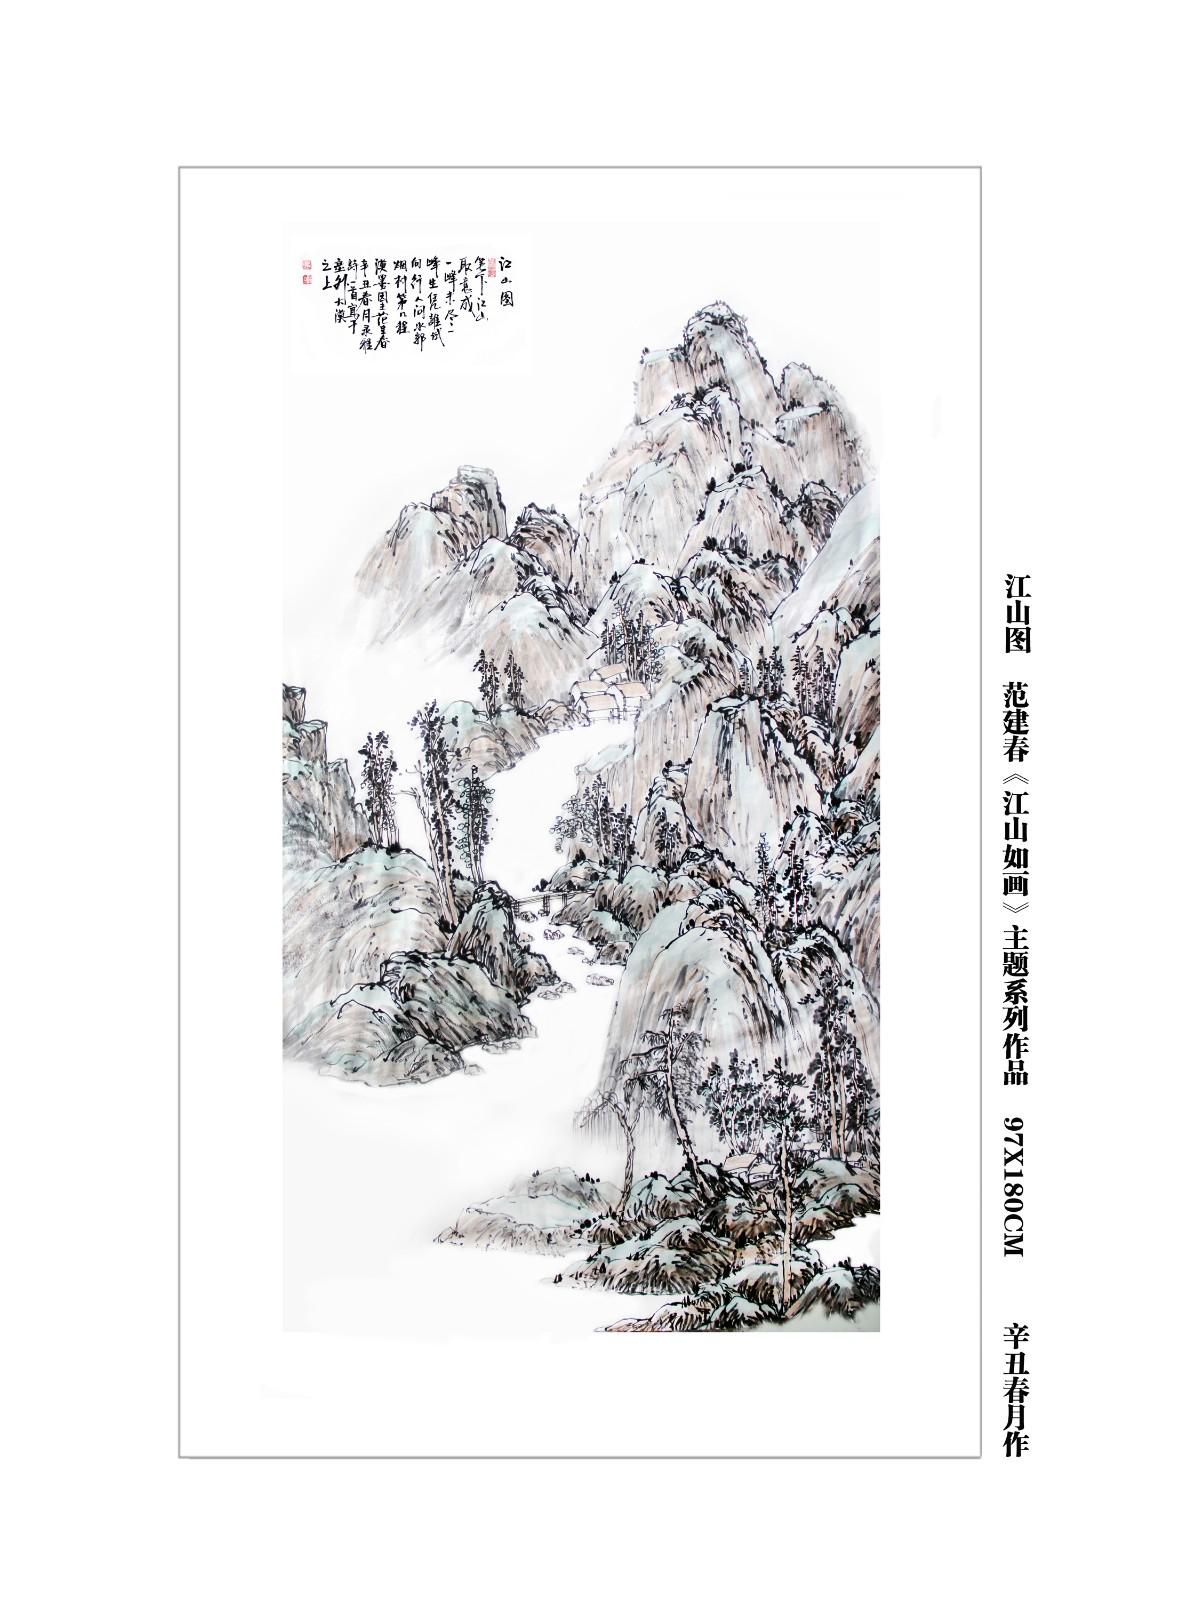 范建春《江山如画》系列国画作品_图1-6